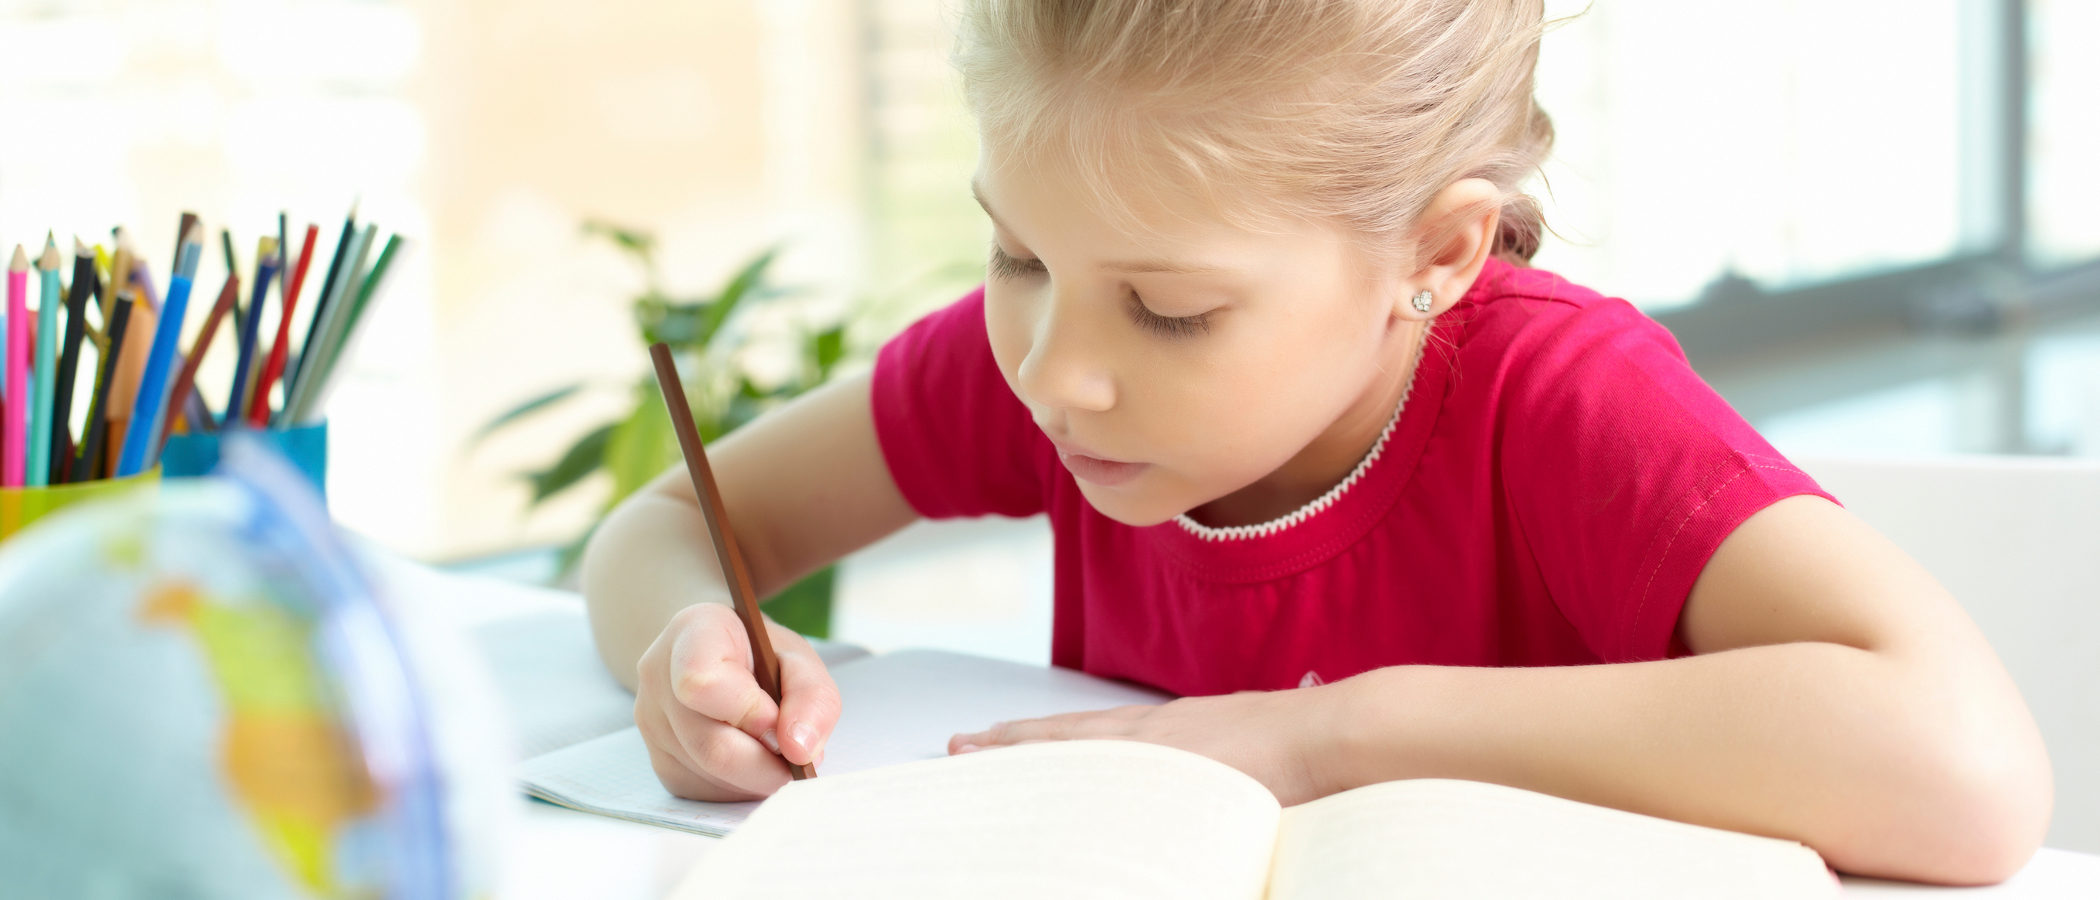 Cómo fomentar en tus hijos el interés por los estudios